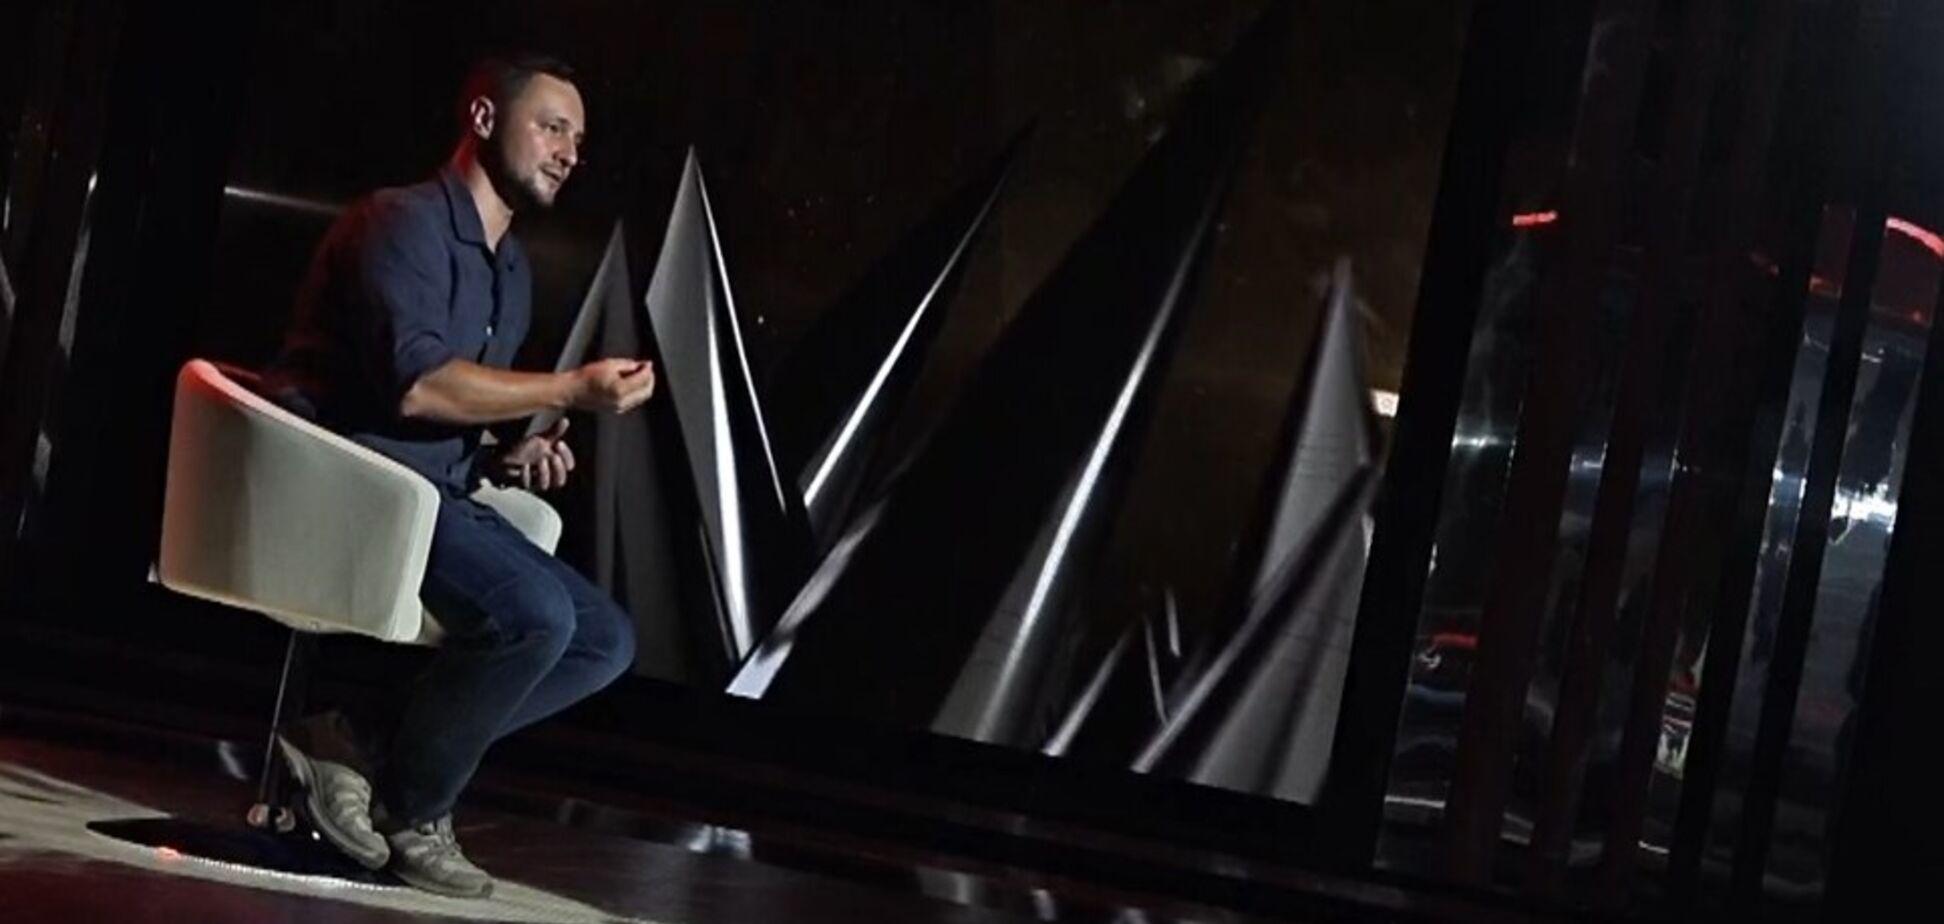 'Наших валят, отвечать нечем...' Озвучен сценарий 'слива' войны на Донбассе